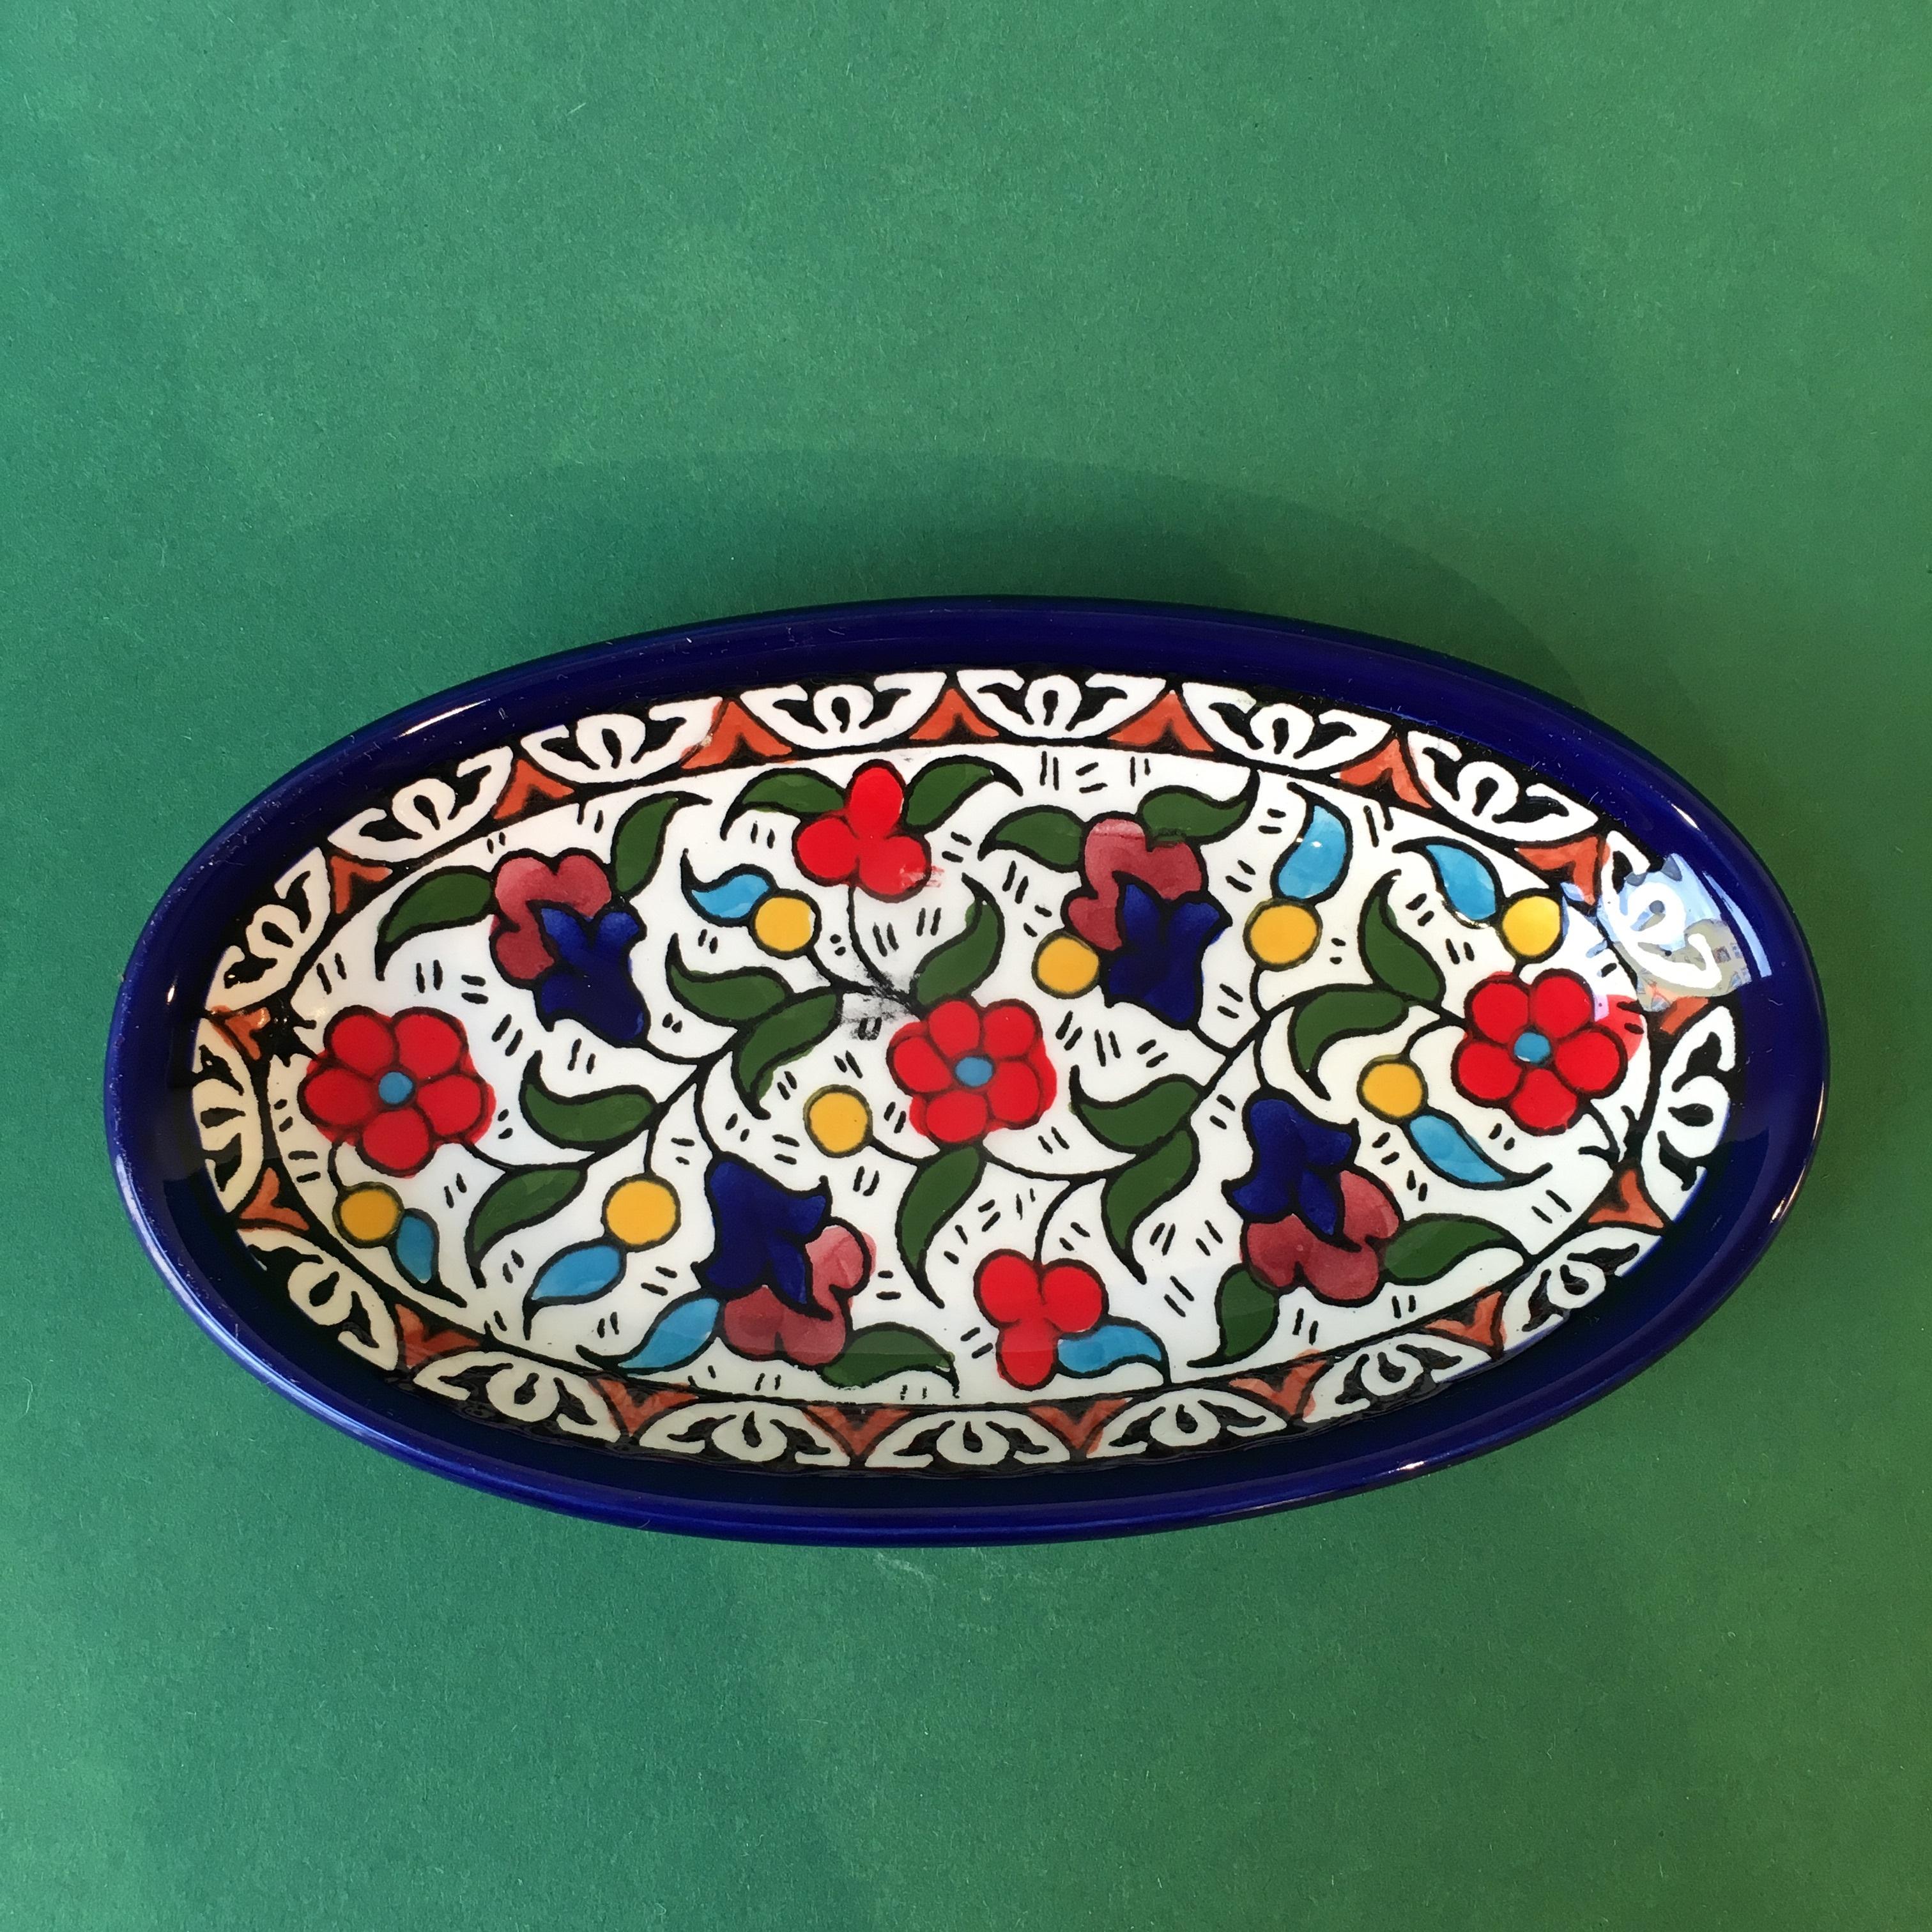 Ovalt keramikkfat, flerfarget